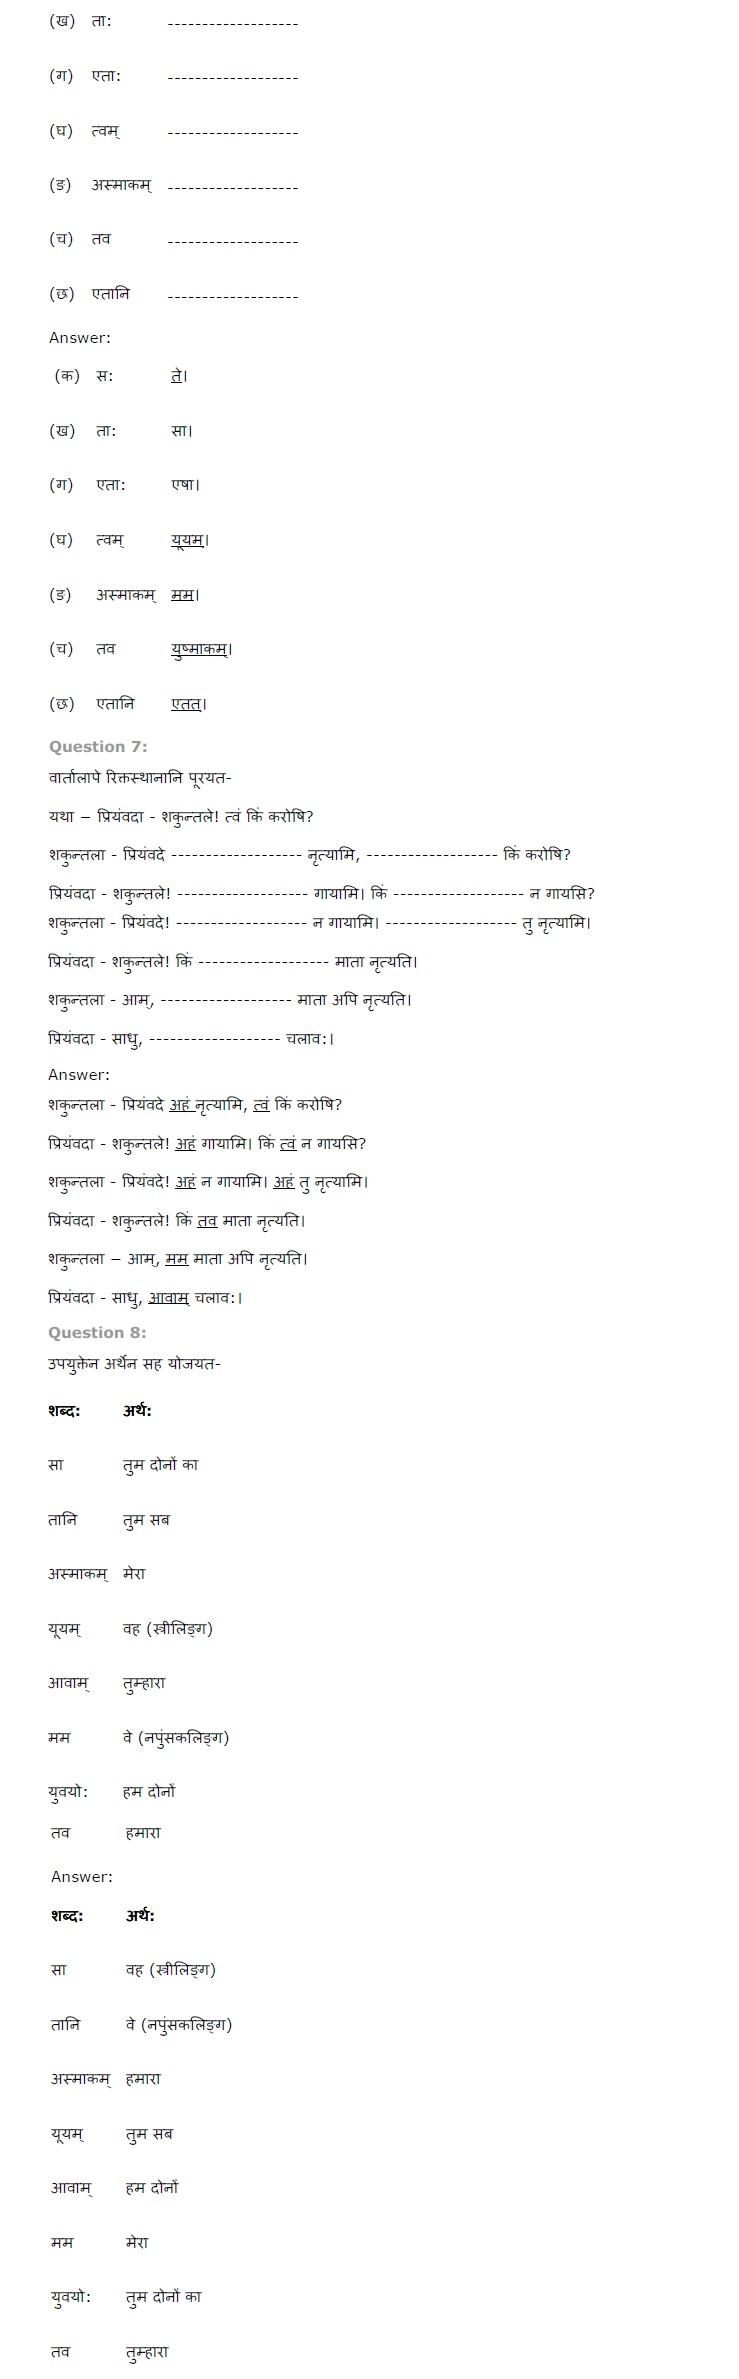 NCERT Solutions Class 6 Sanskrit Chapter 4 सर्वनाम प्रयोग